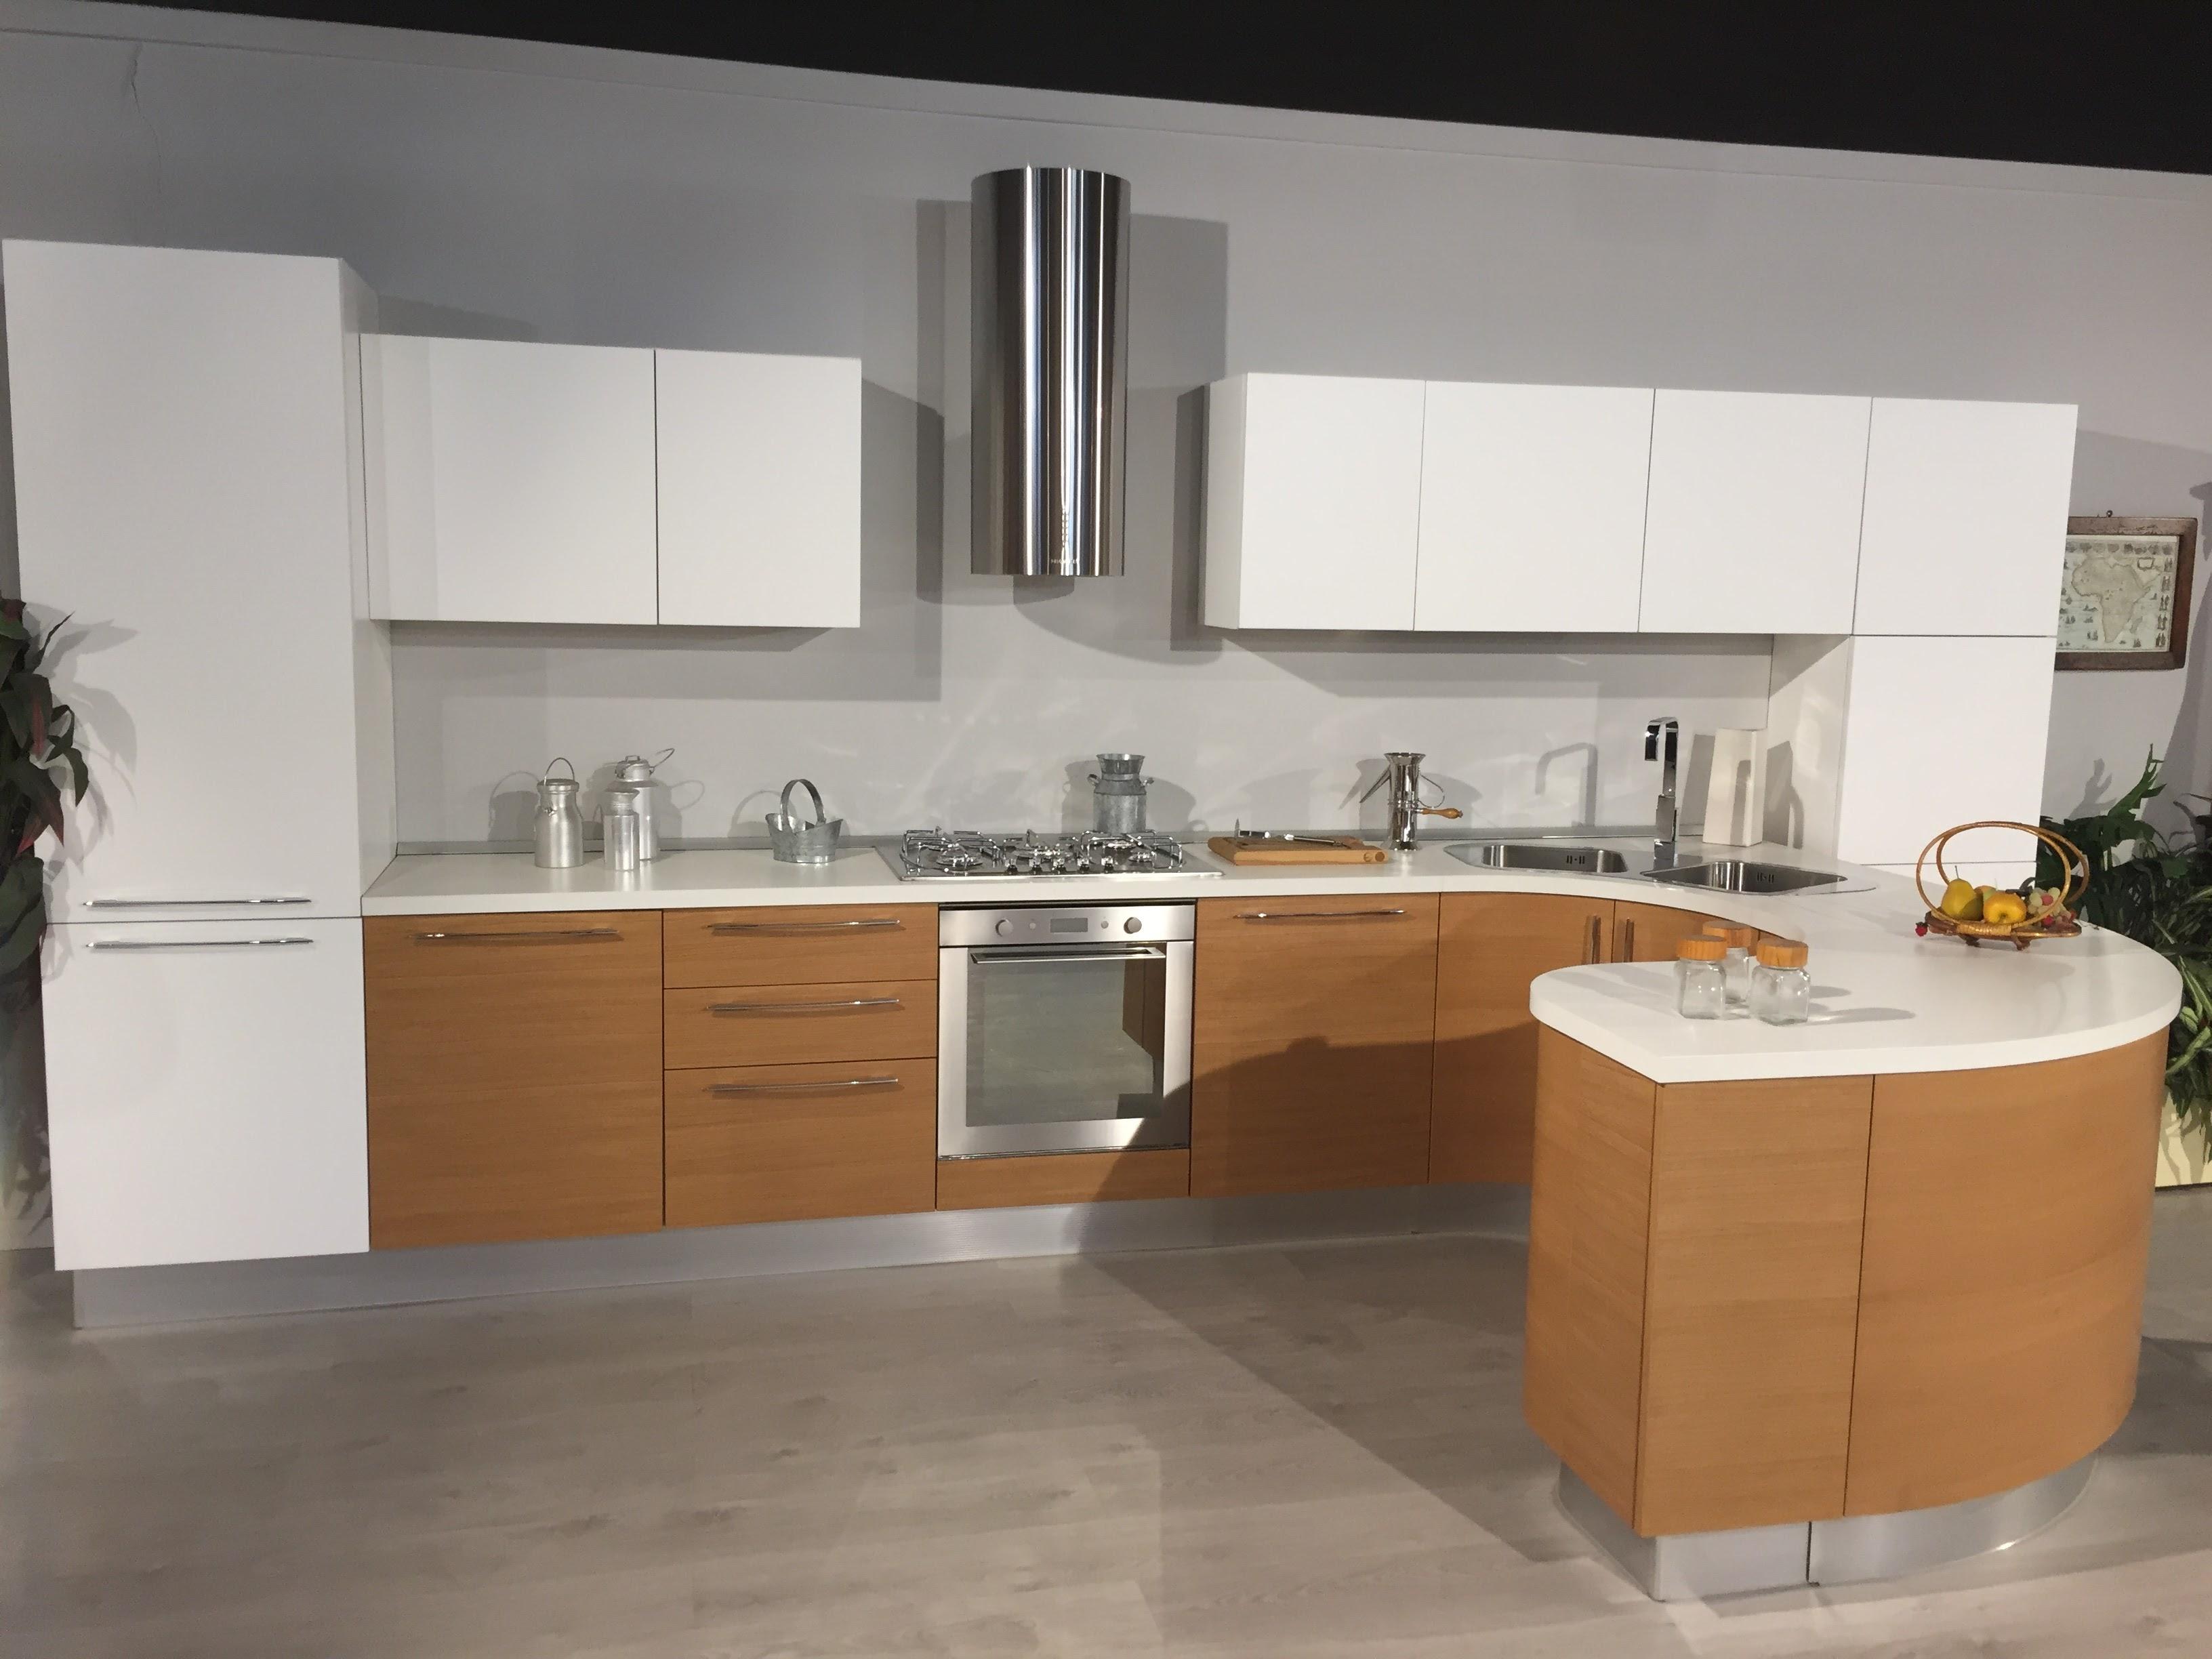 Cucina moderna lineare con penisola tonda modello zen scontata del 65 cucine a prezzi scontati - Cucina con penisola ...